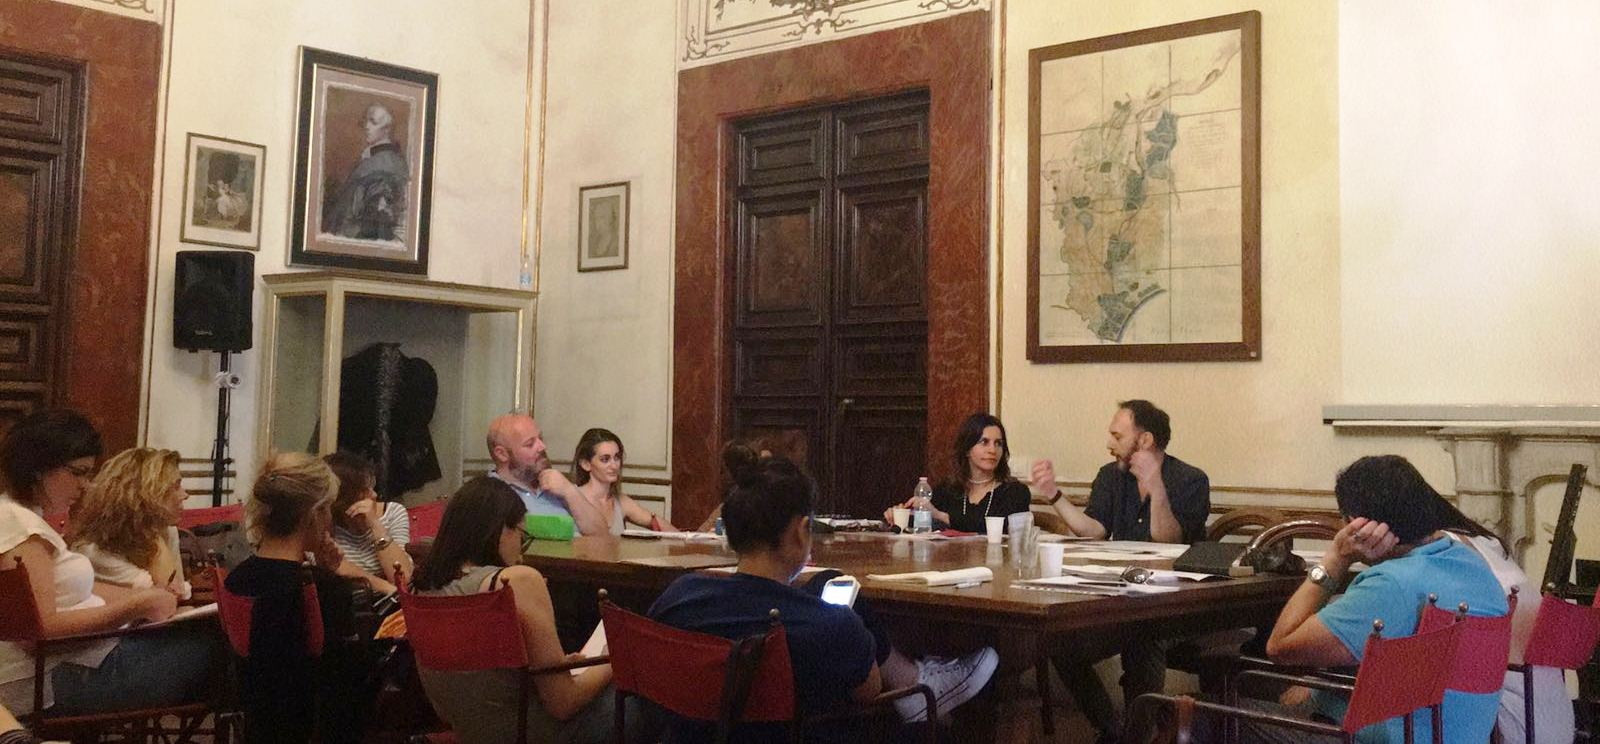 Saponaro Carlomagno lezione IISF